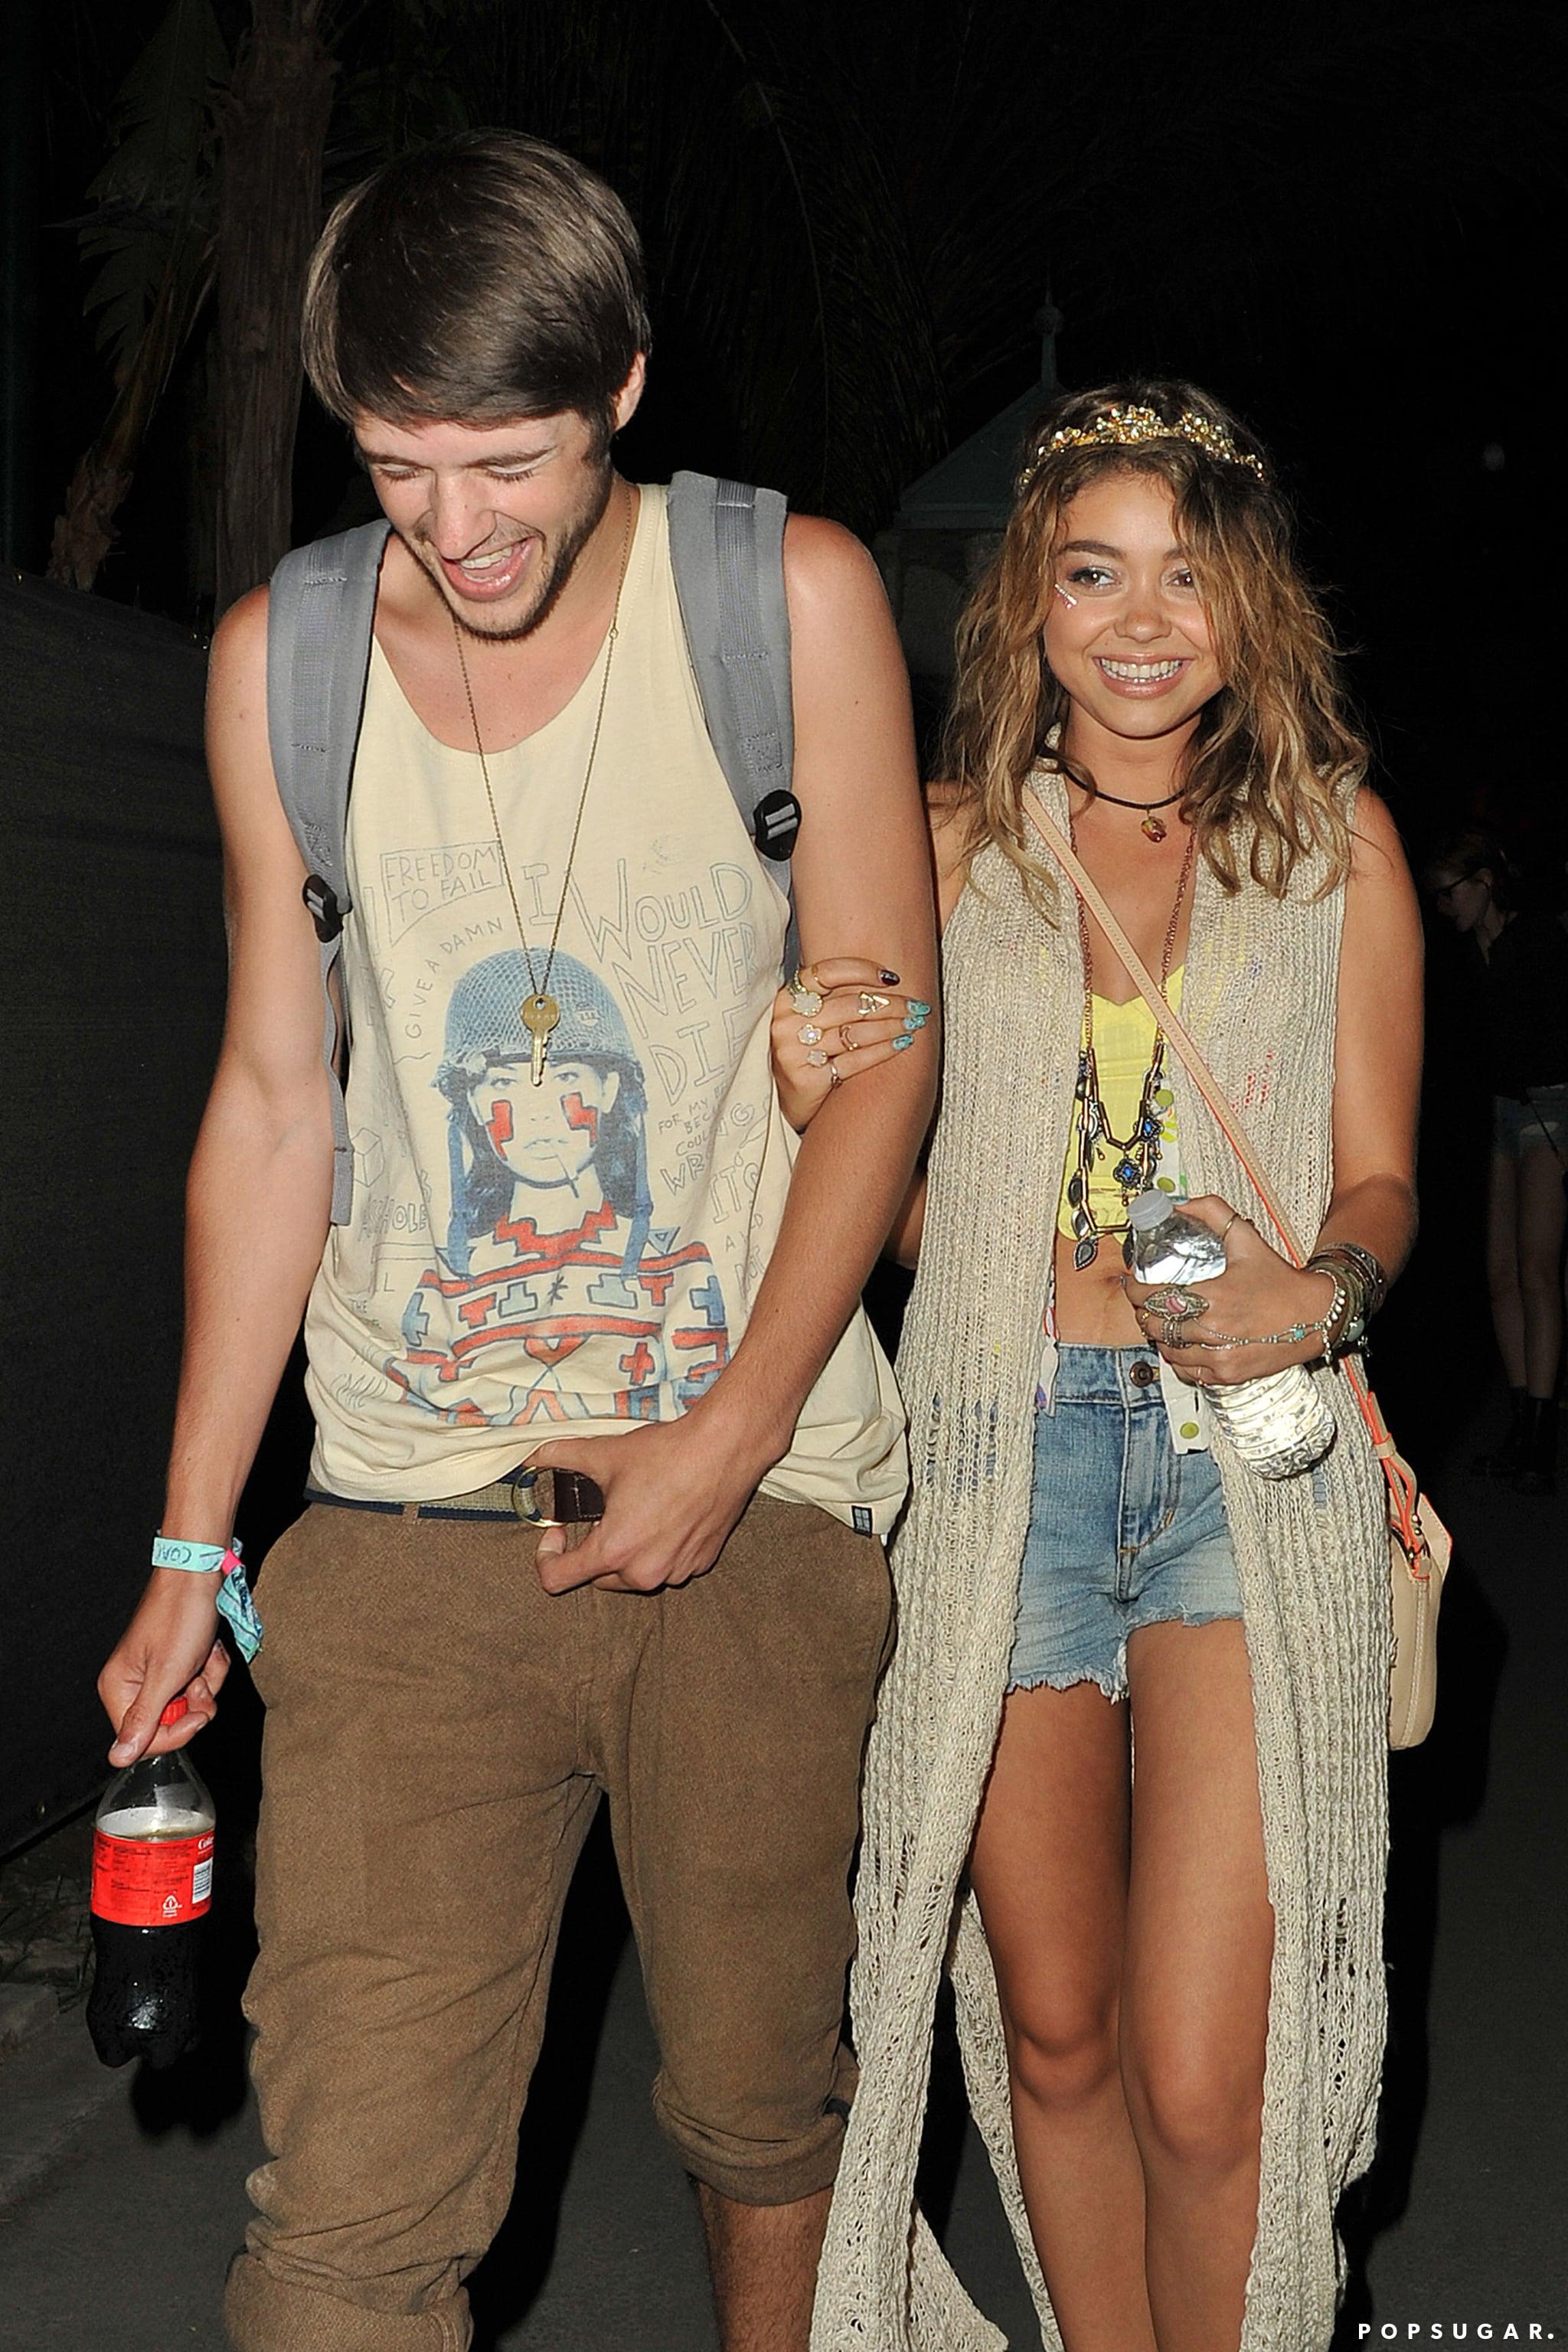 Sarah Hyland laughed with her boyfriend, Matt Prokop.